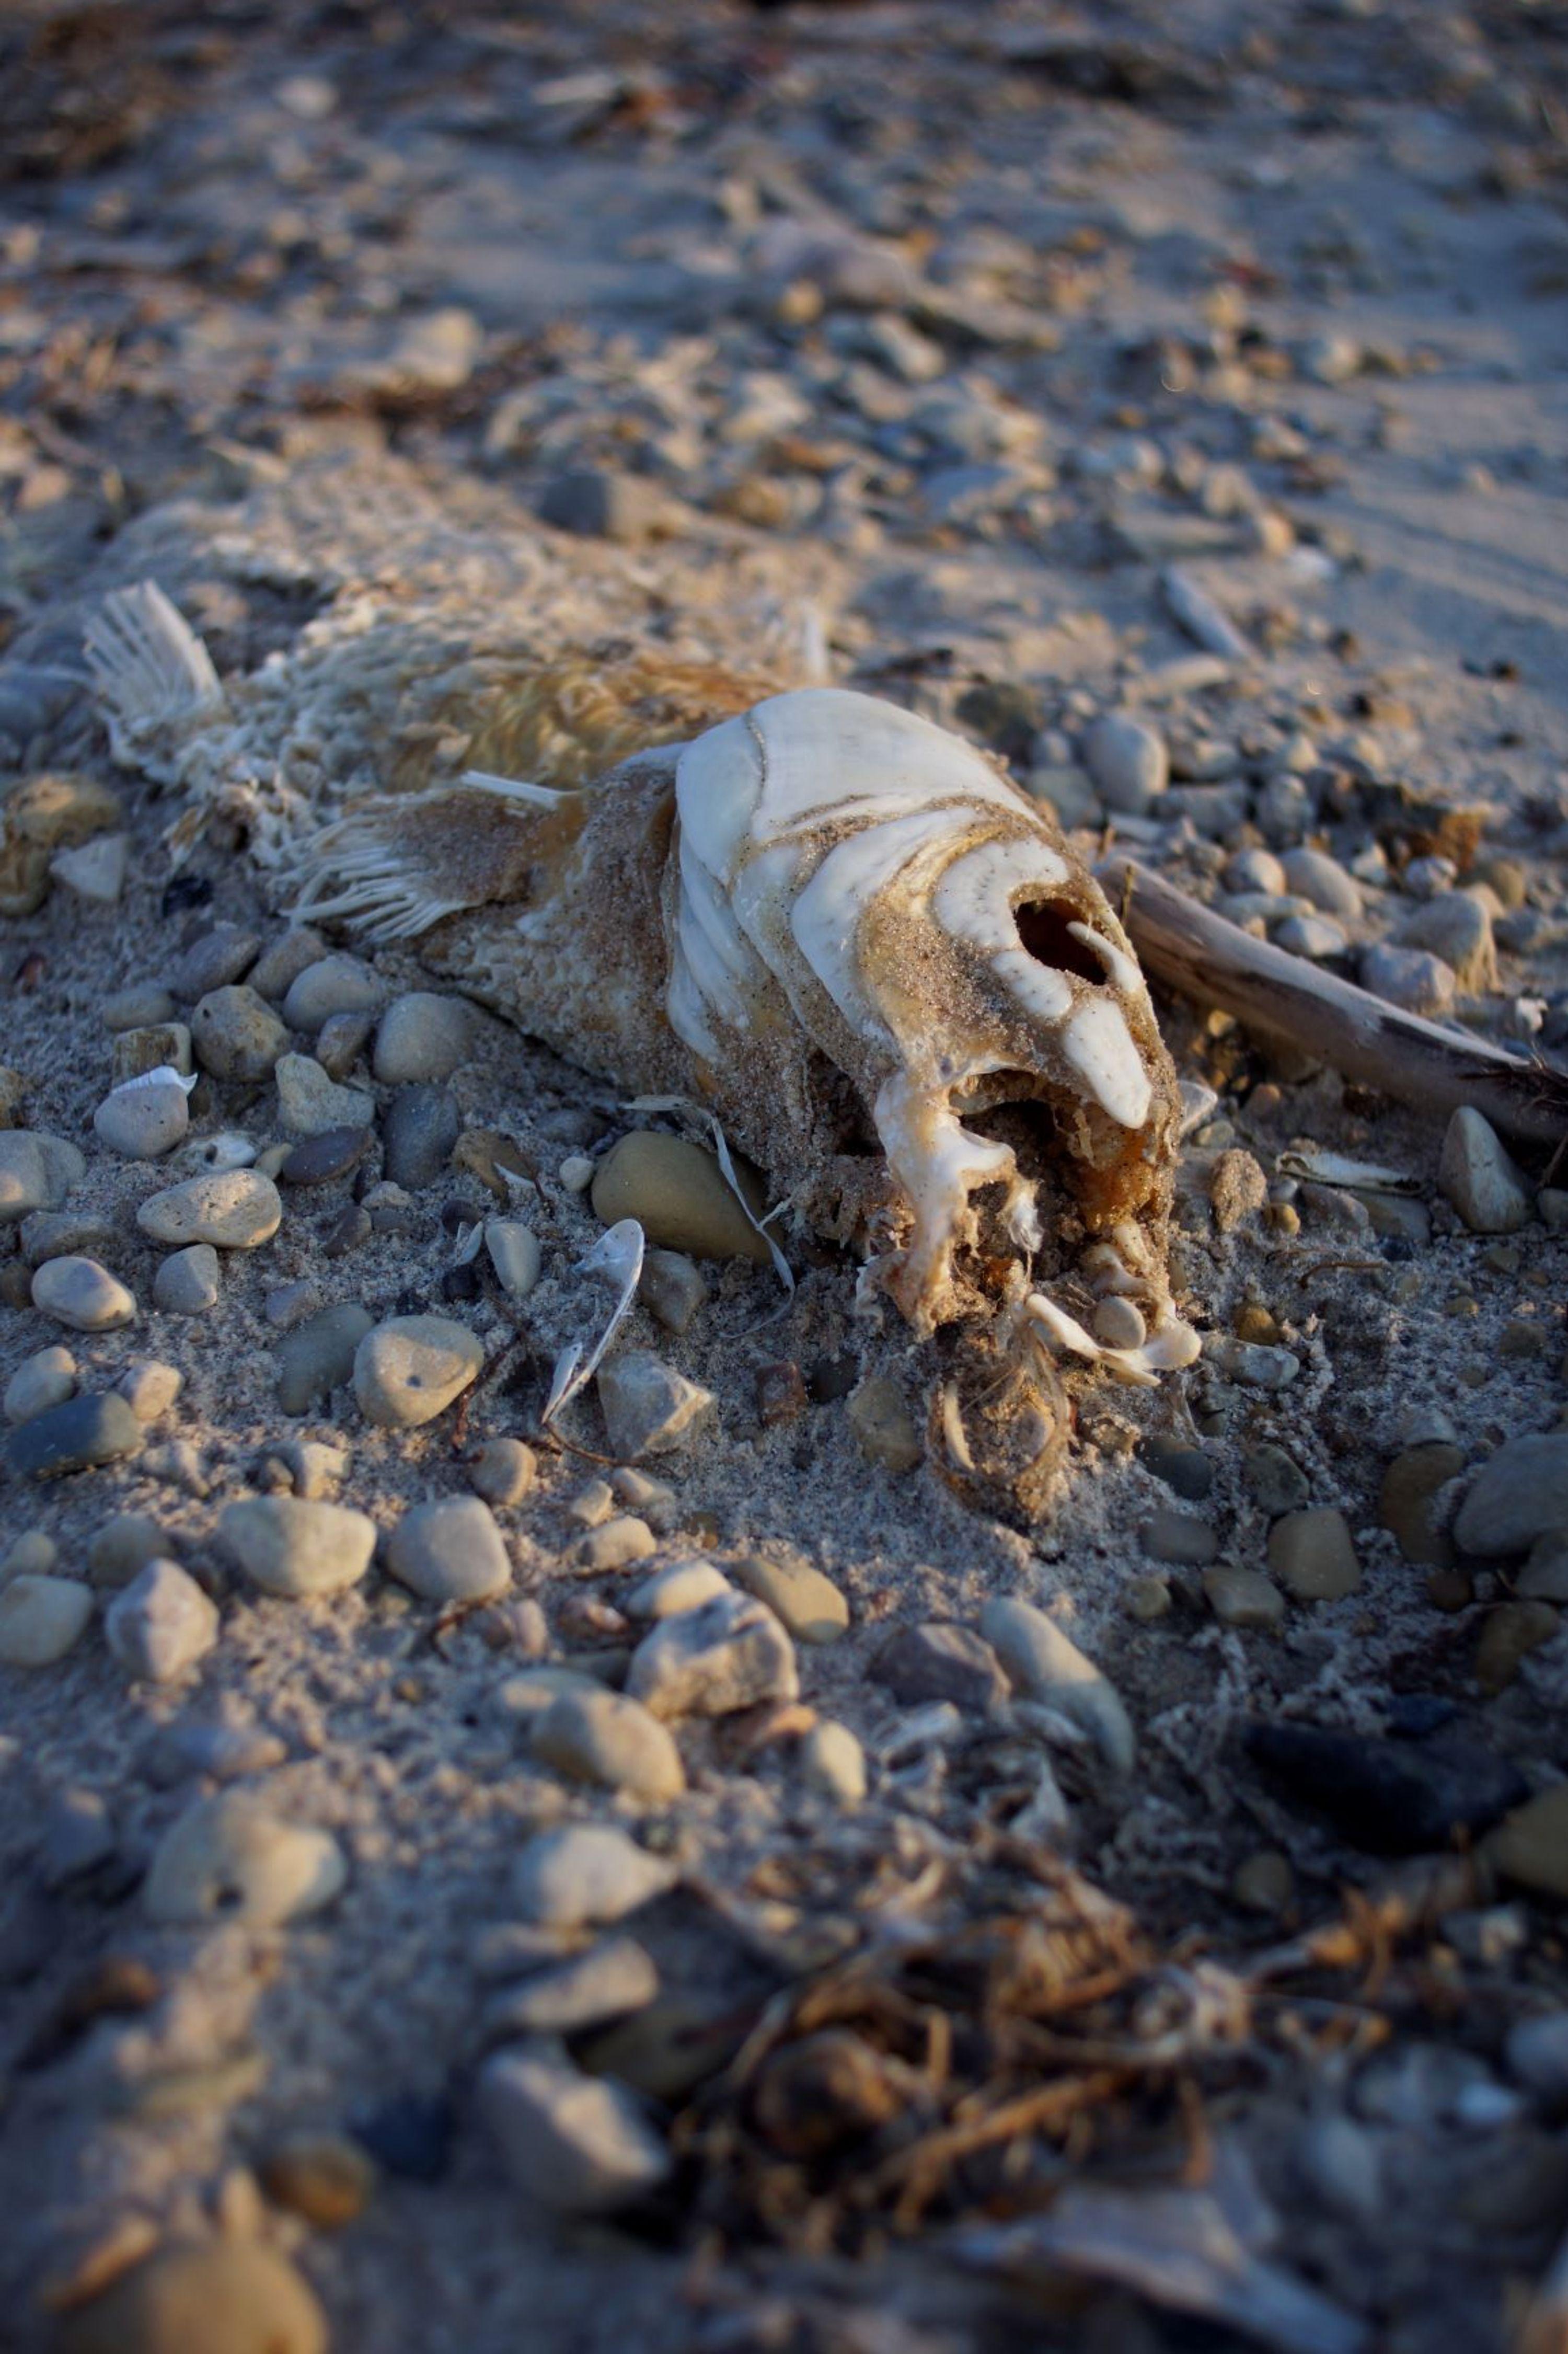 A dead fish on the beach